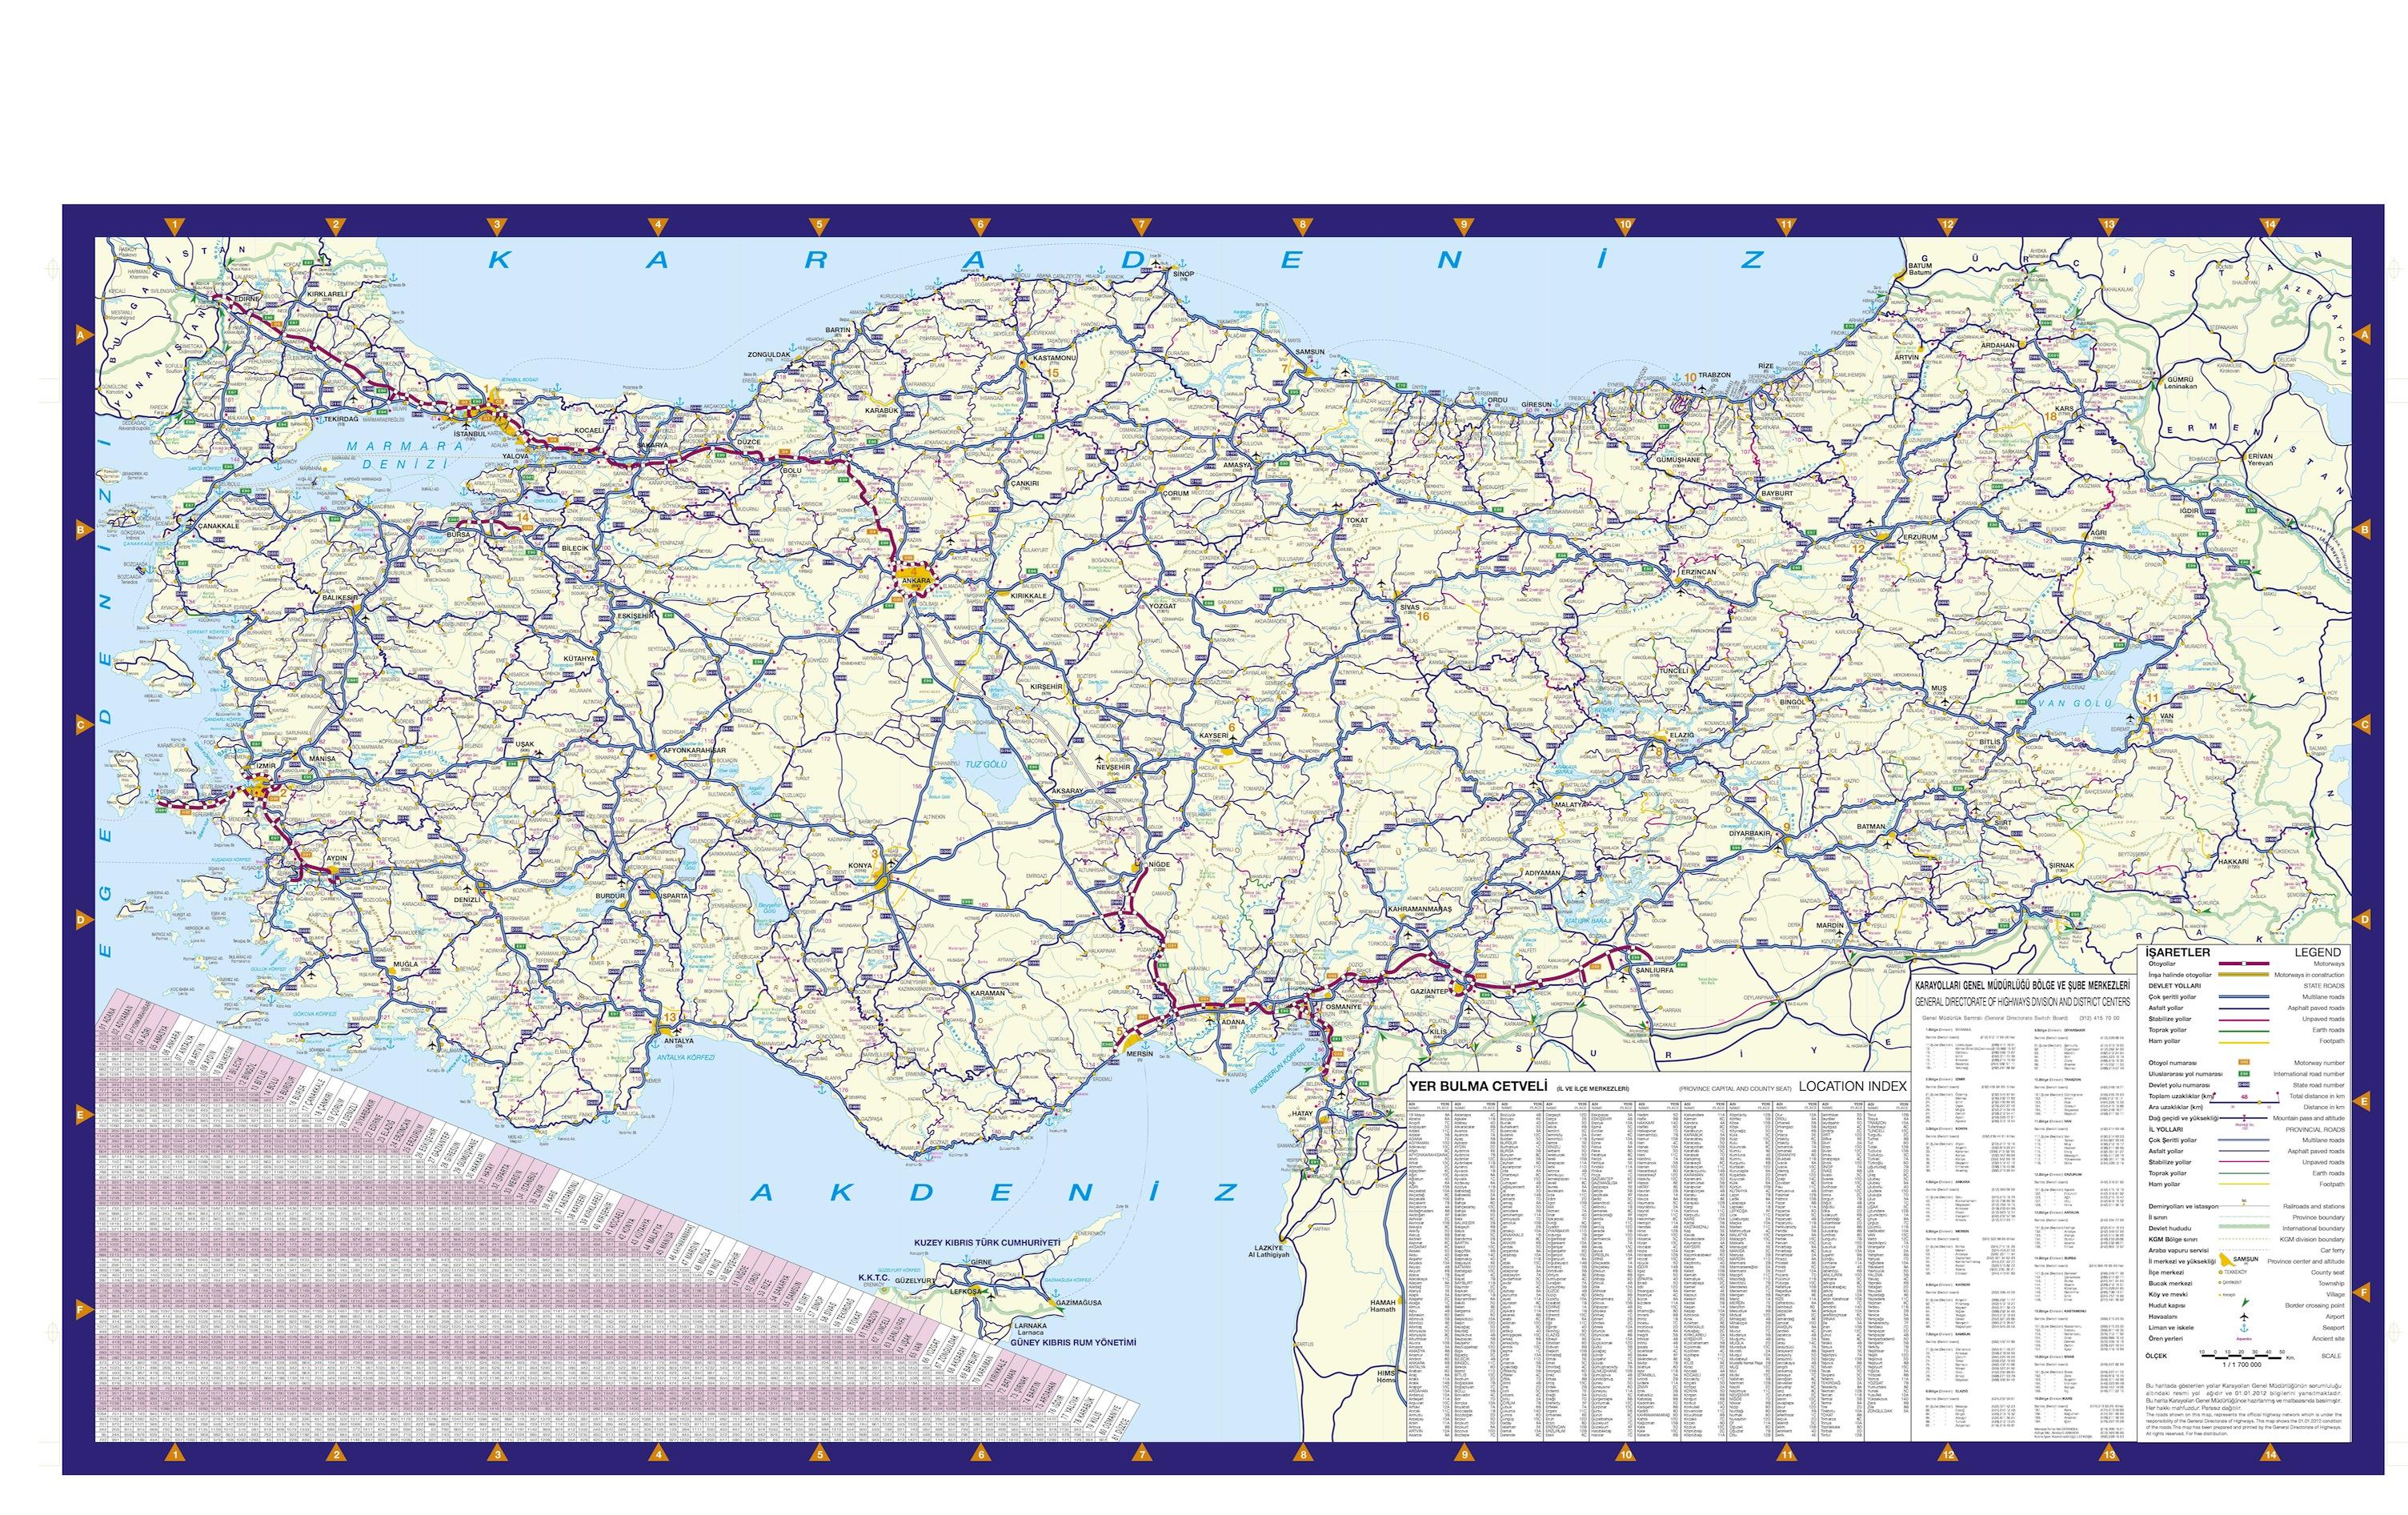 Carte politique turque papier peint 3d appliqué sur le mur